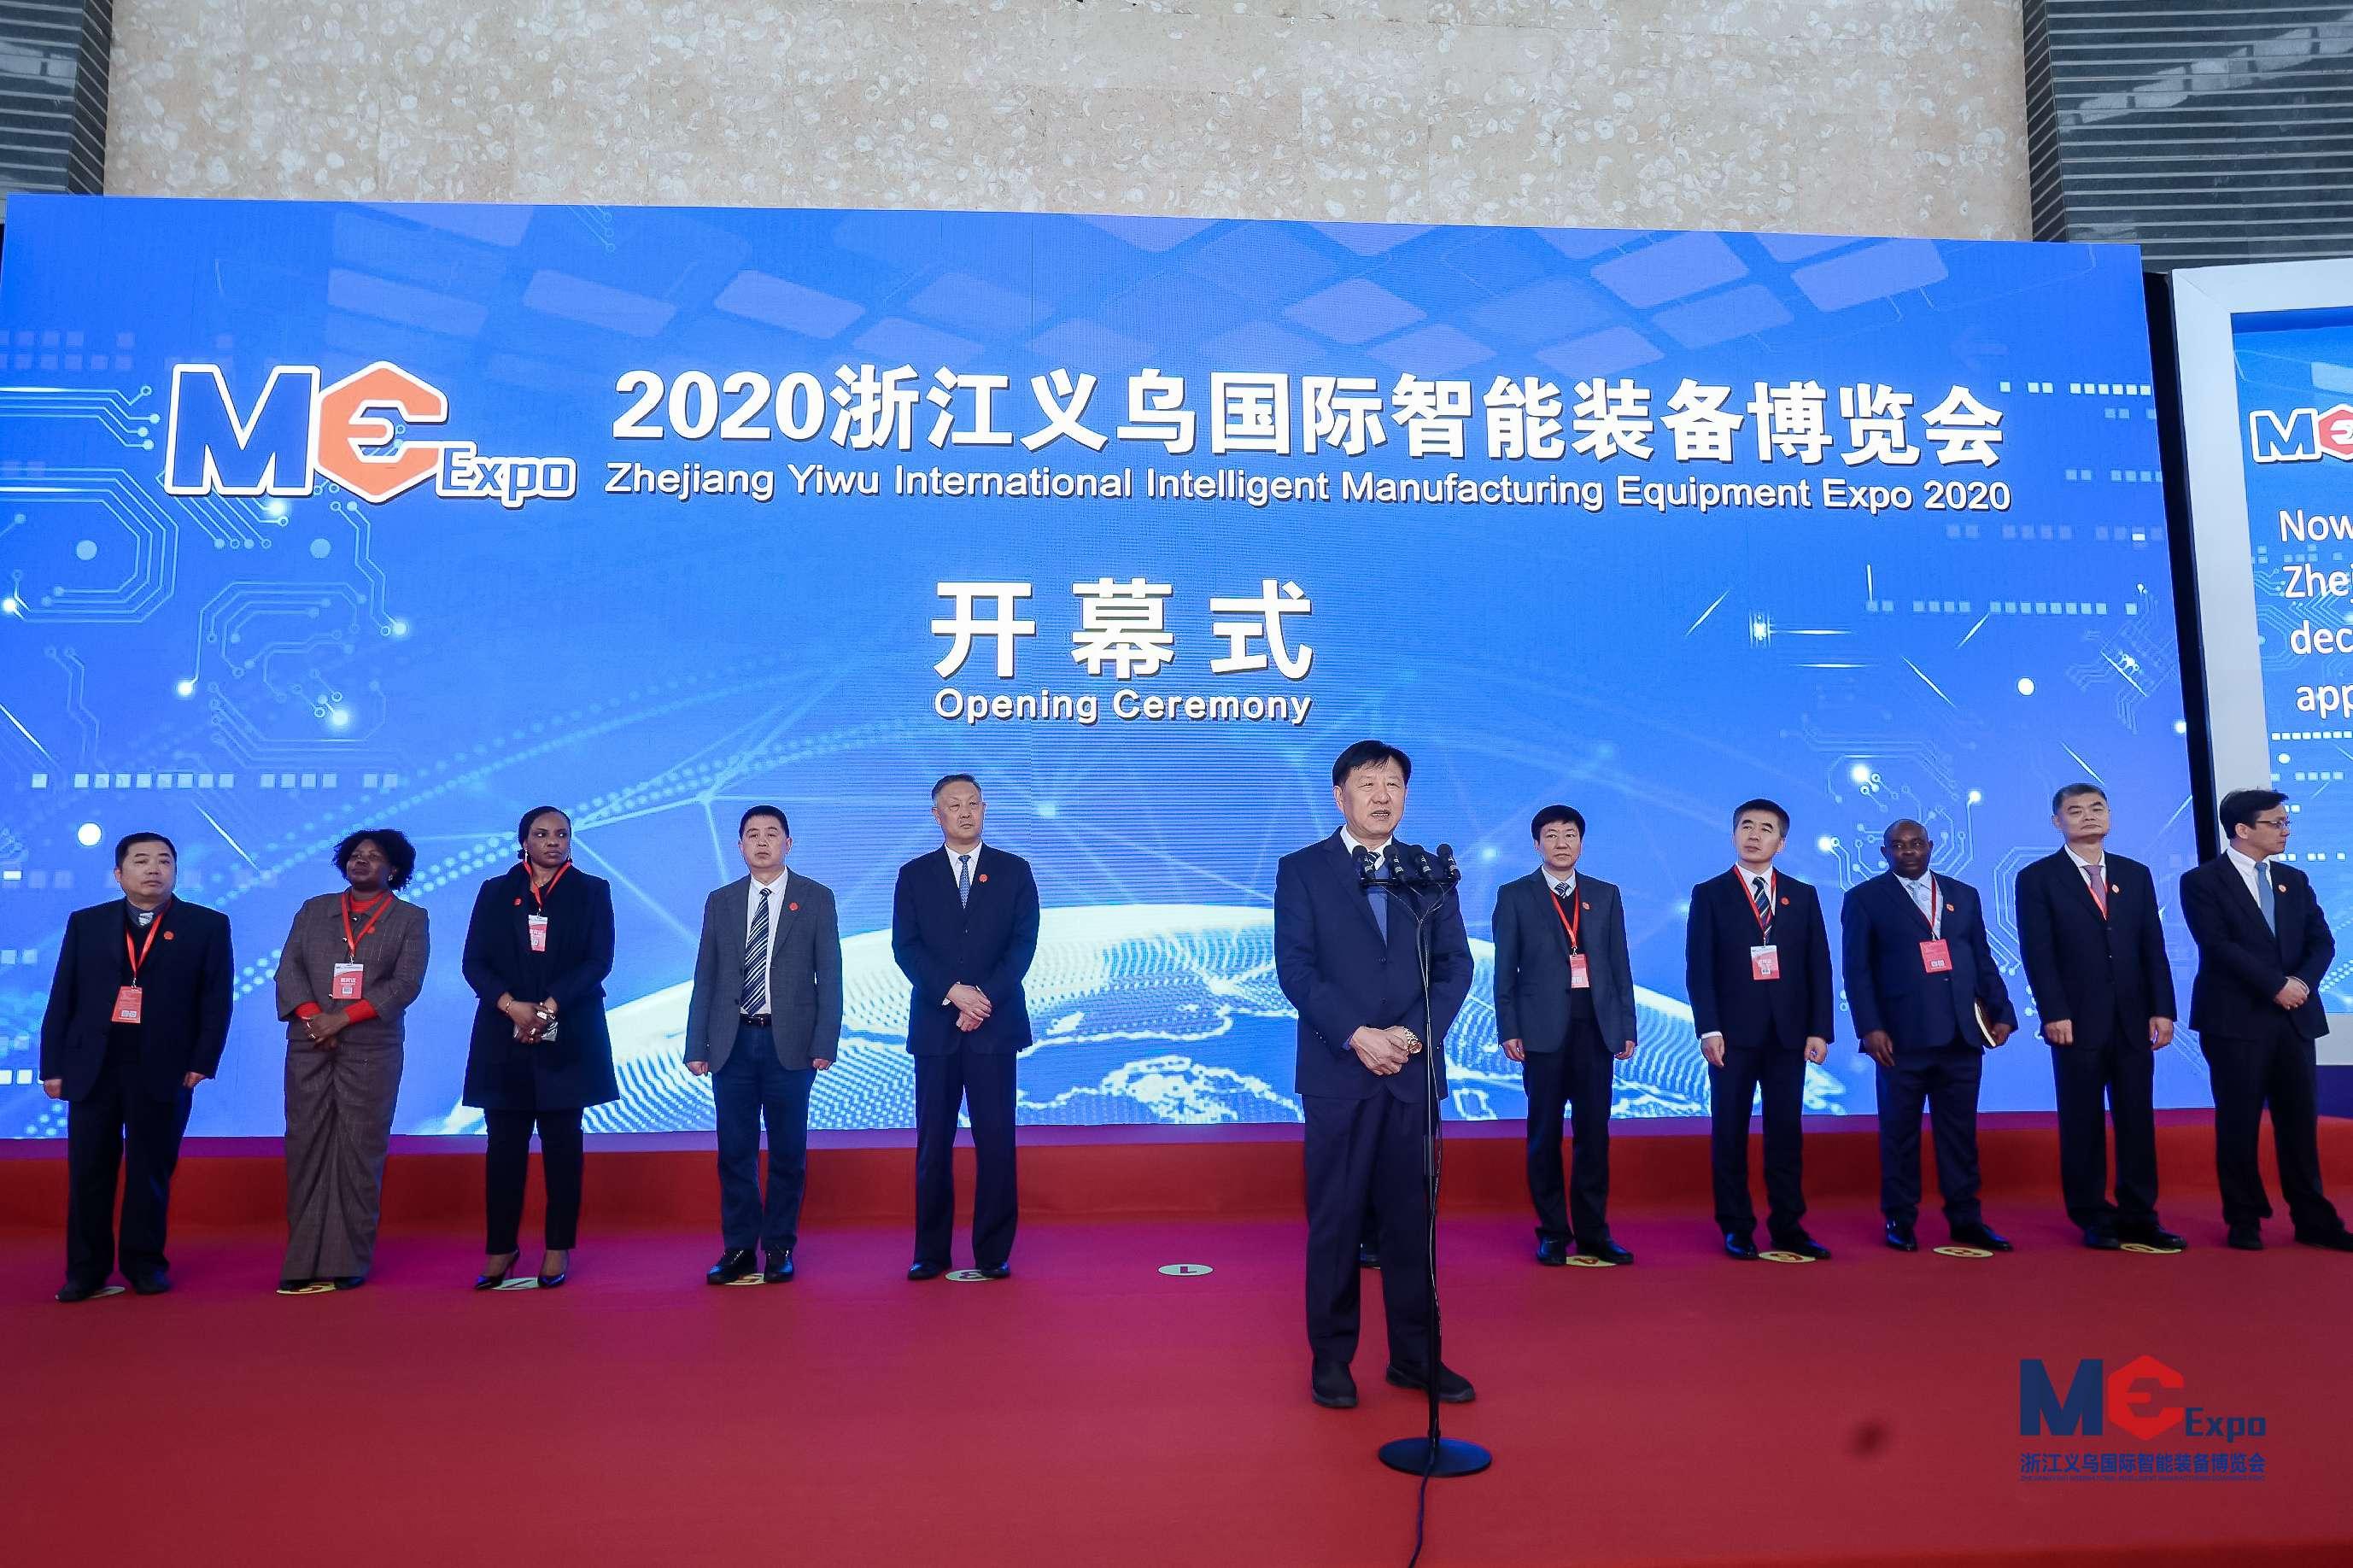 机电商会成功承办2020浙江义乌国际智能装备博览会